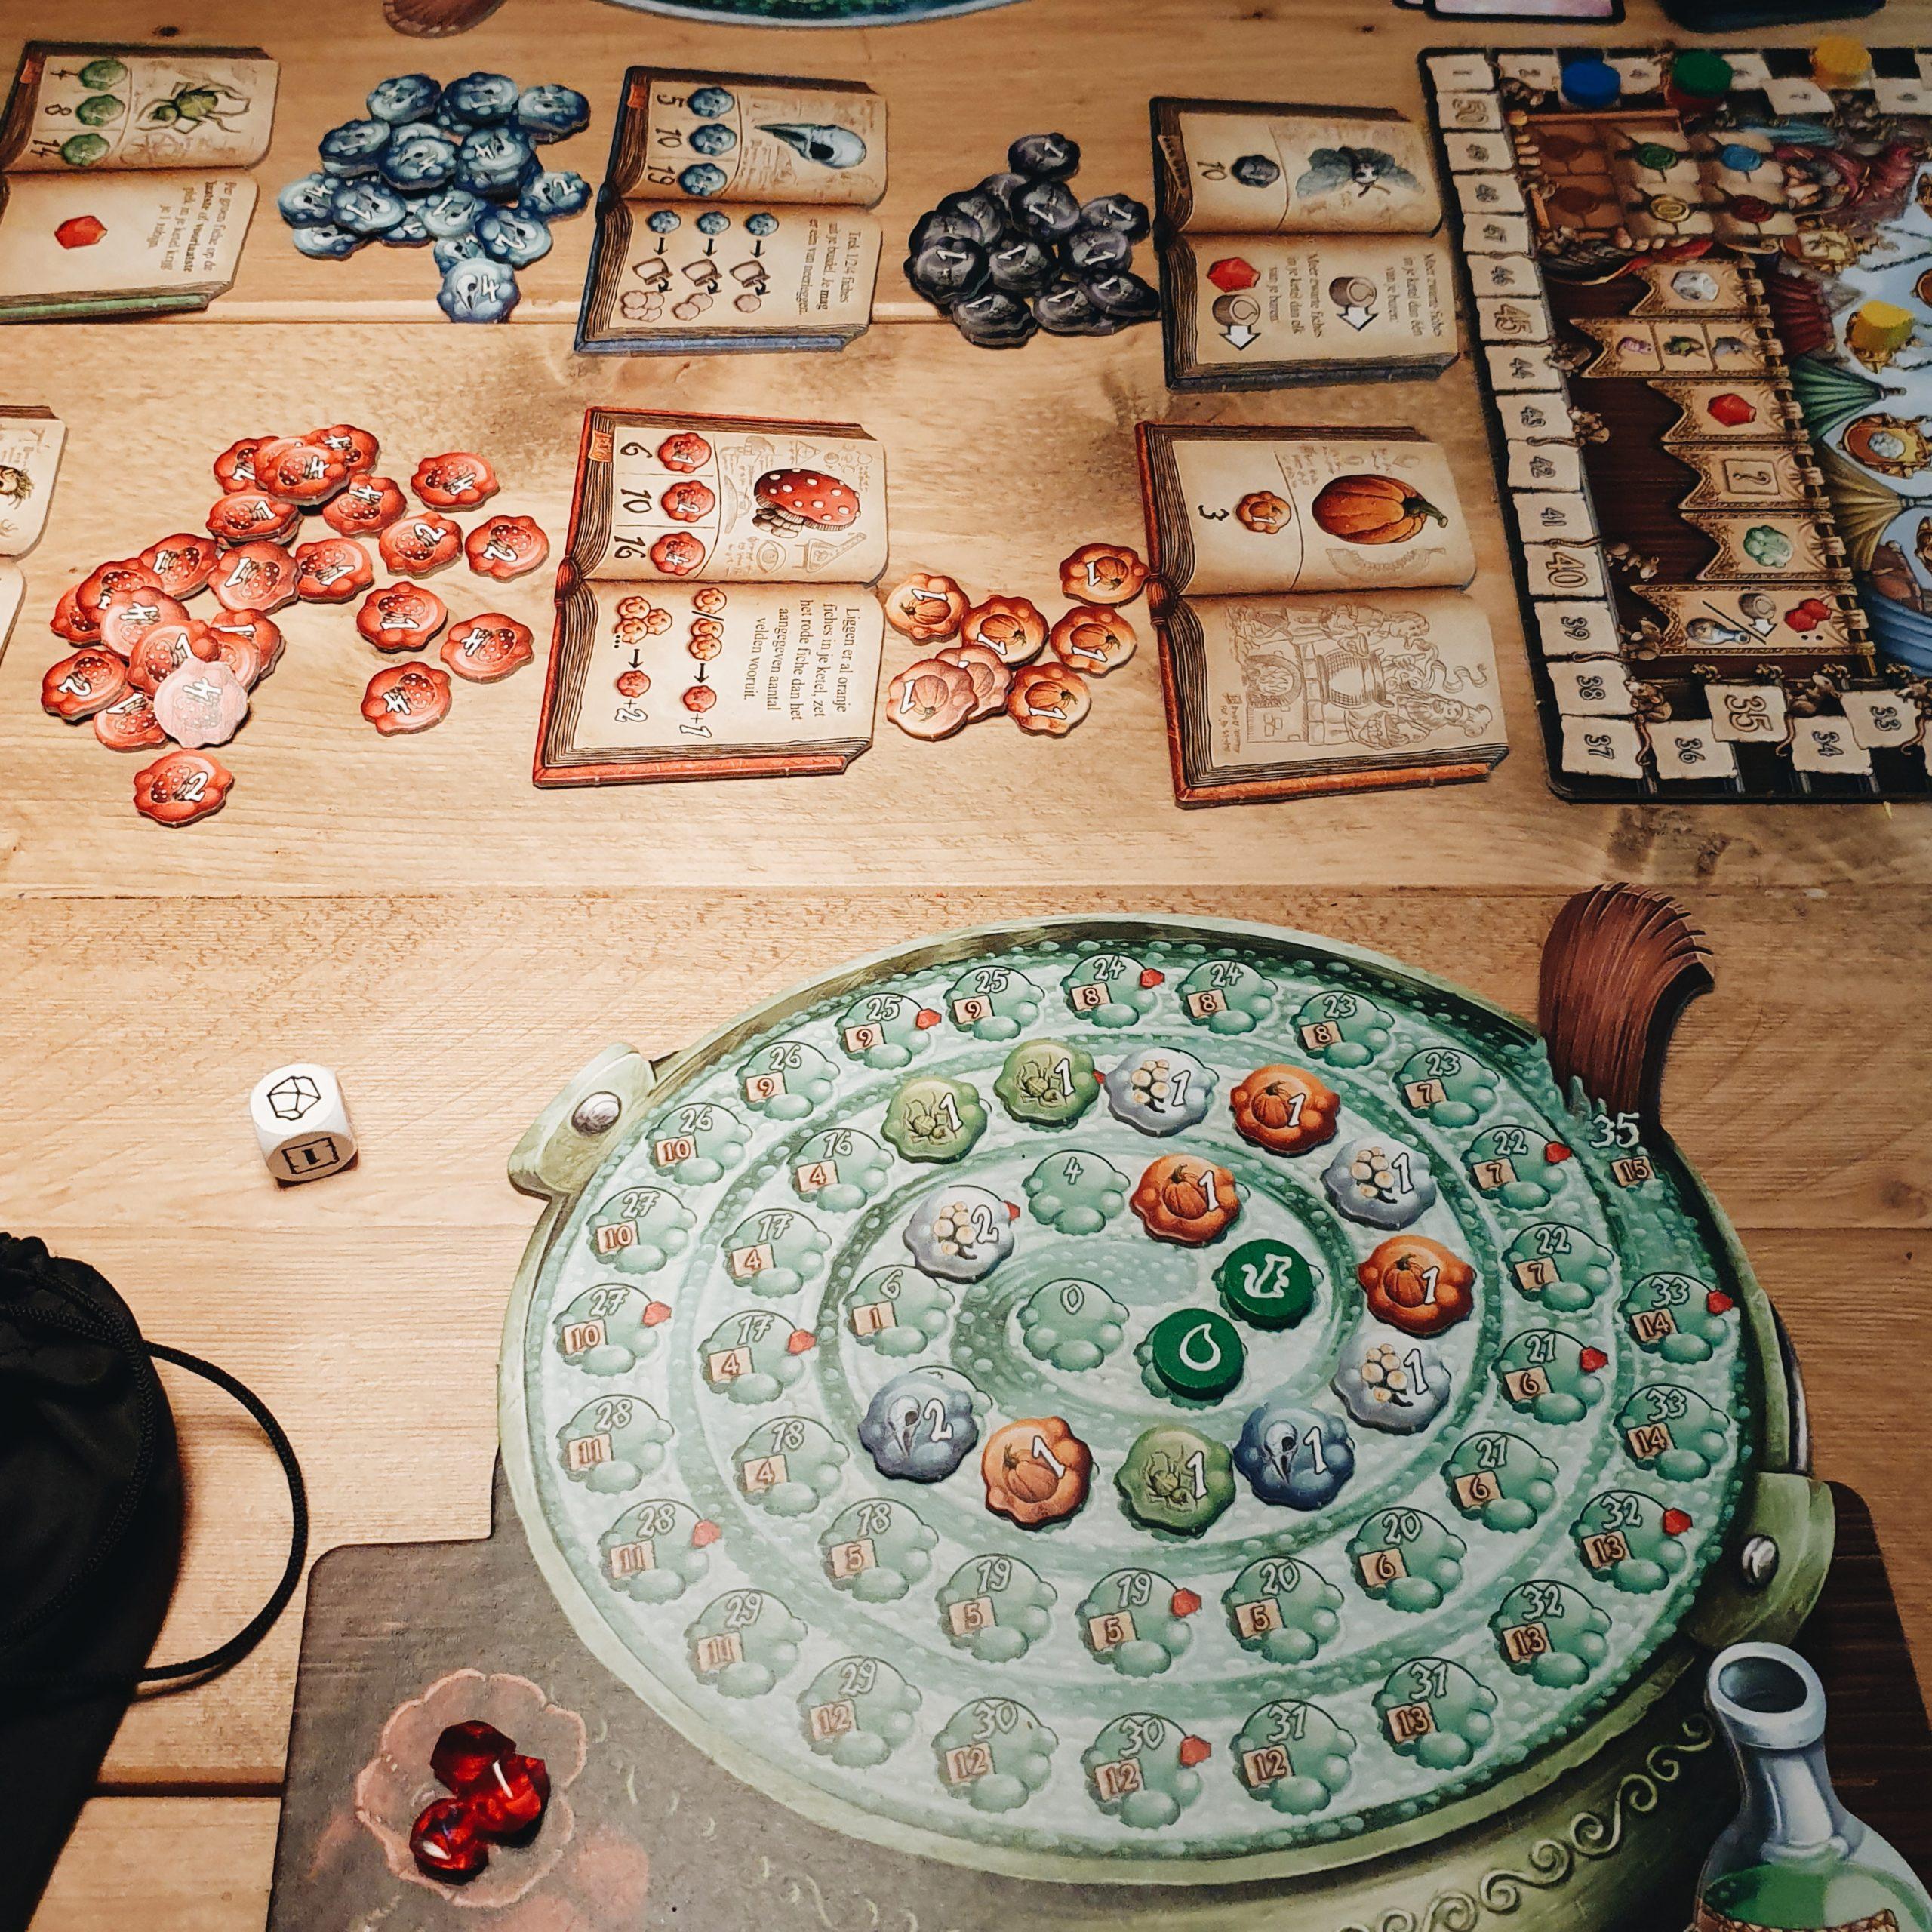 Favoriete bordspel – De Kwakzalvers van Kakelenburg